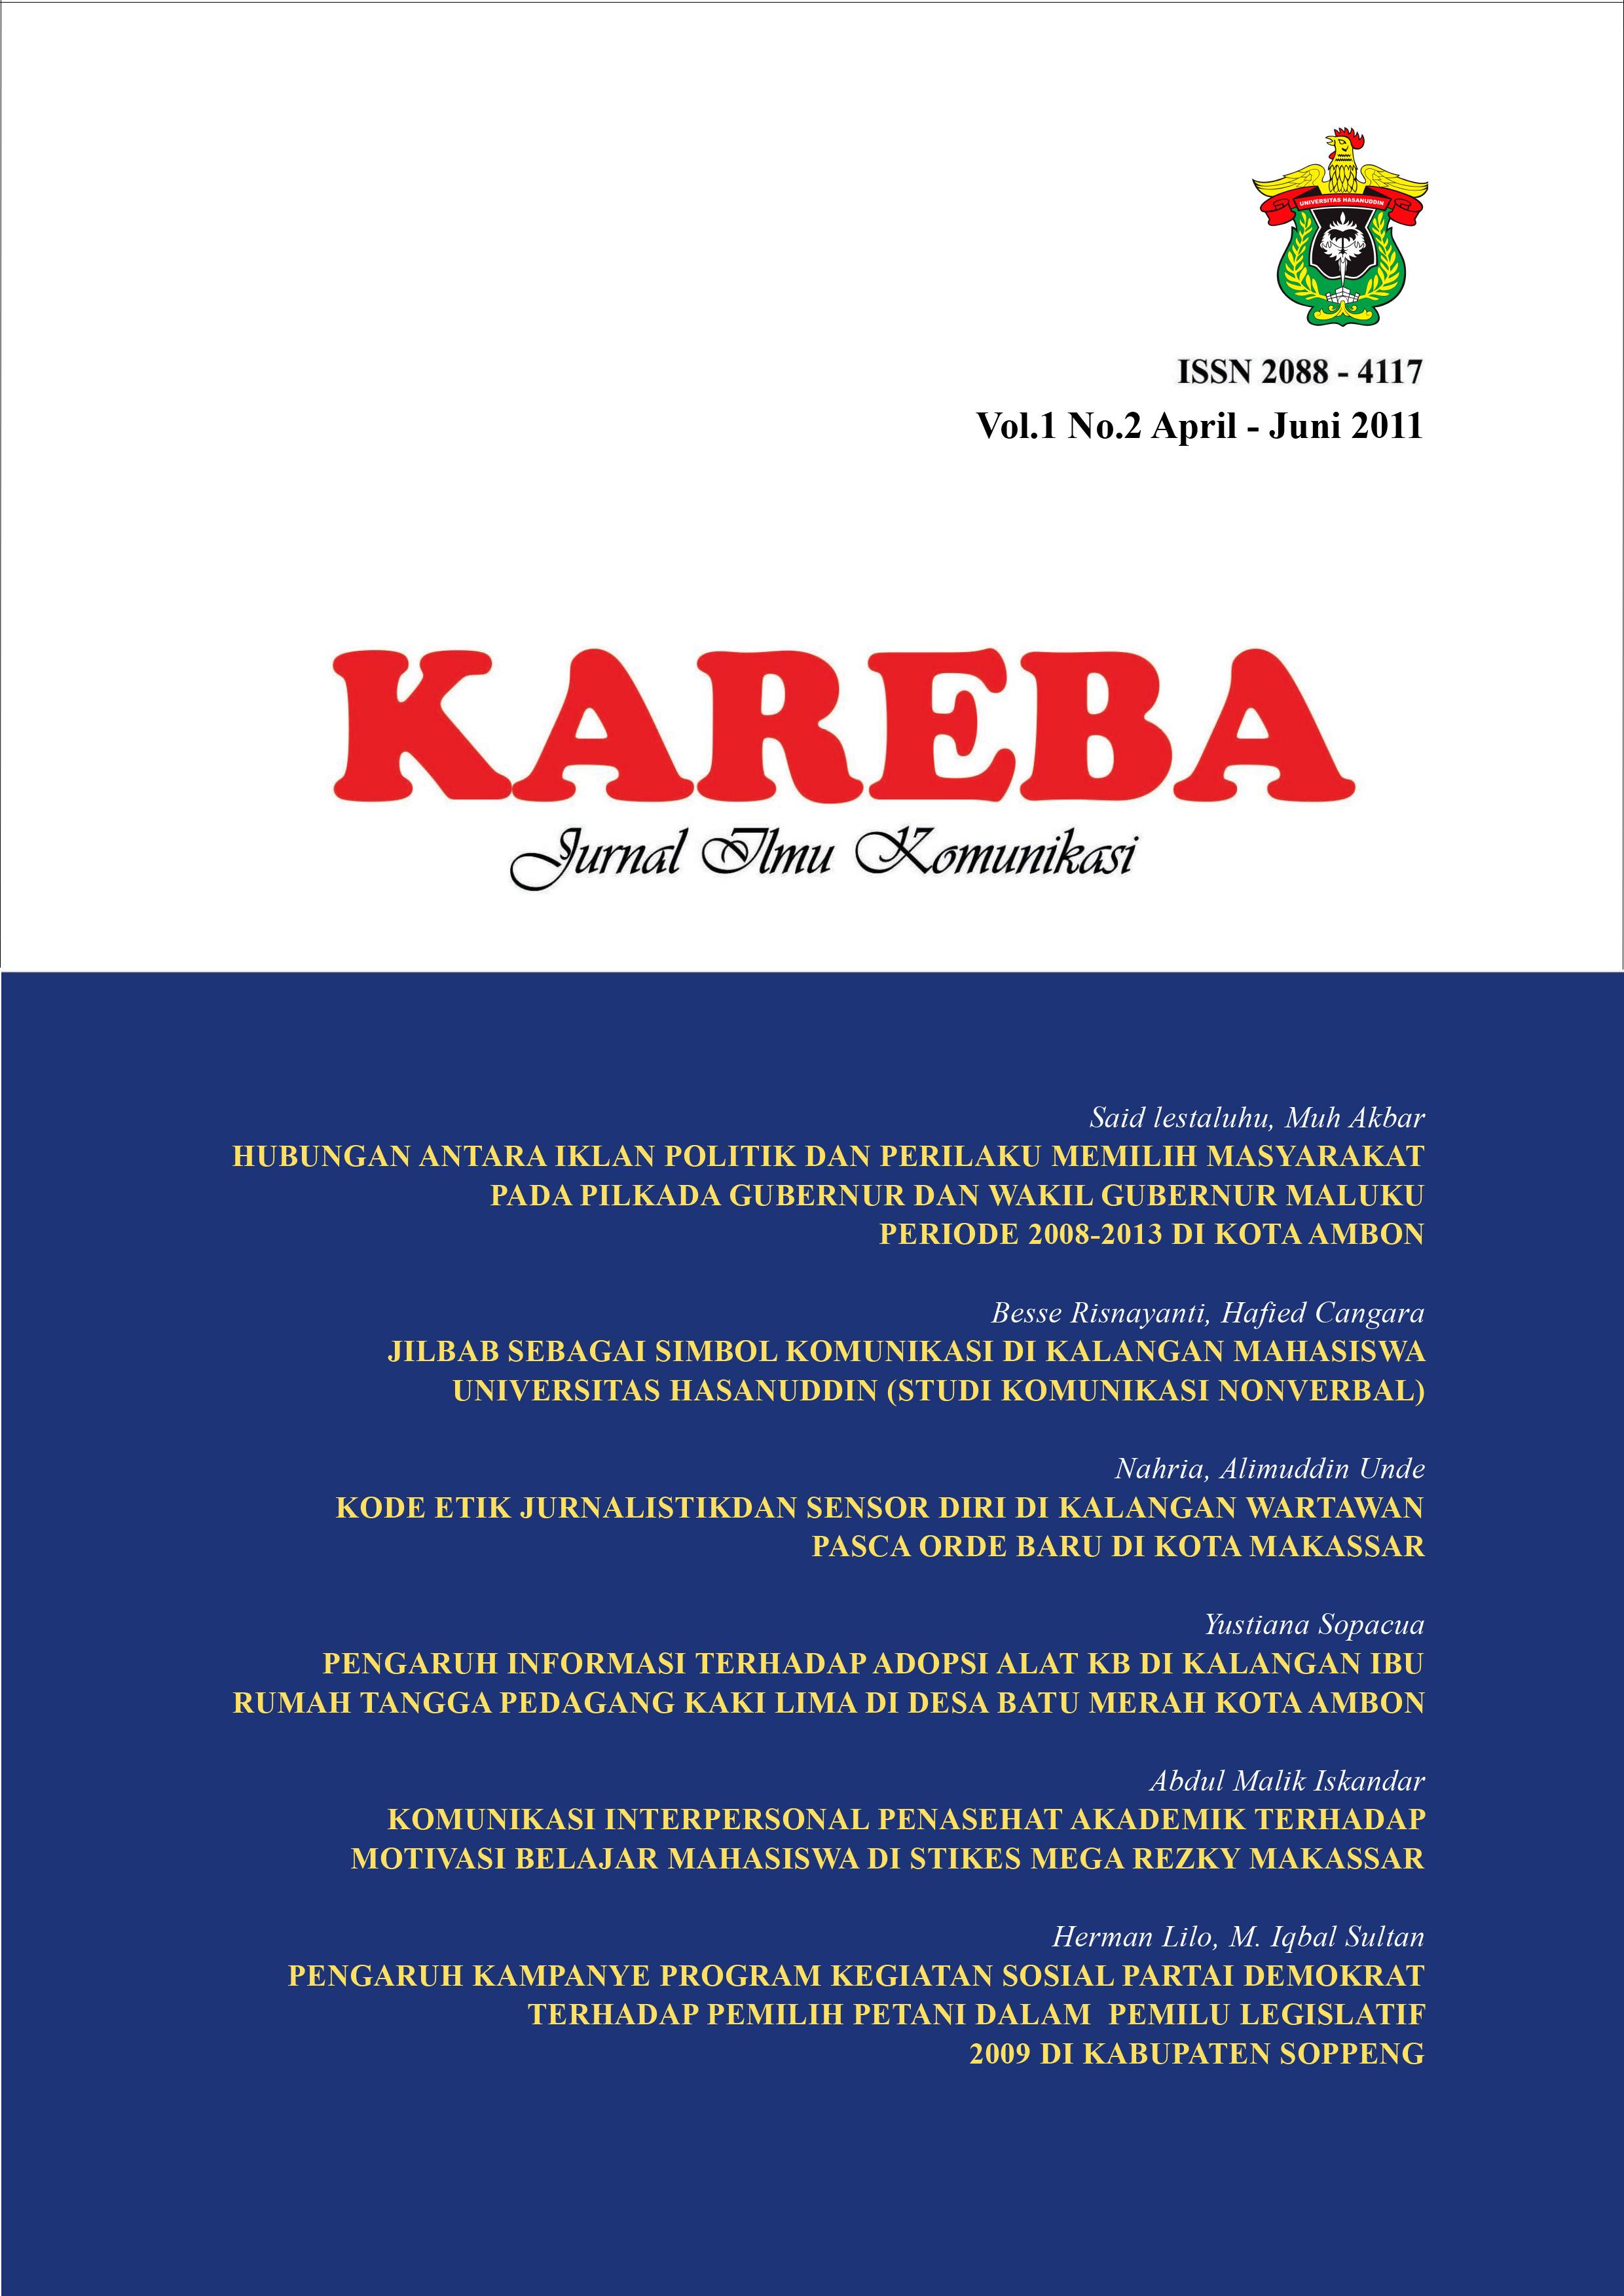 View Vol.1 No.2 April - Juni 2011